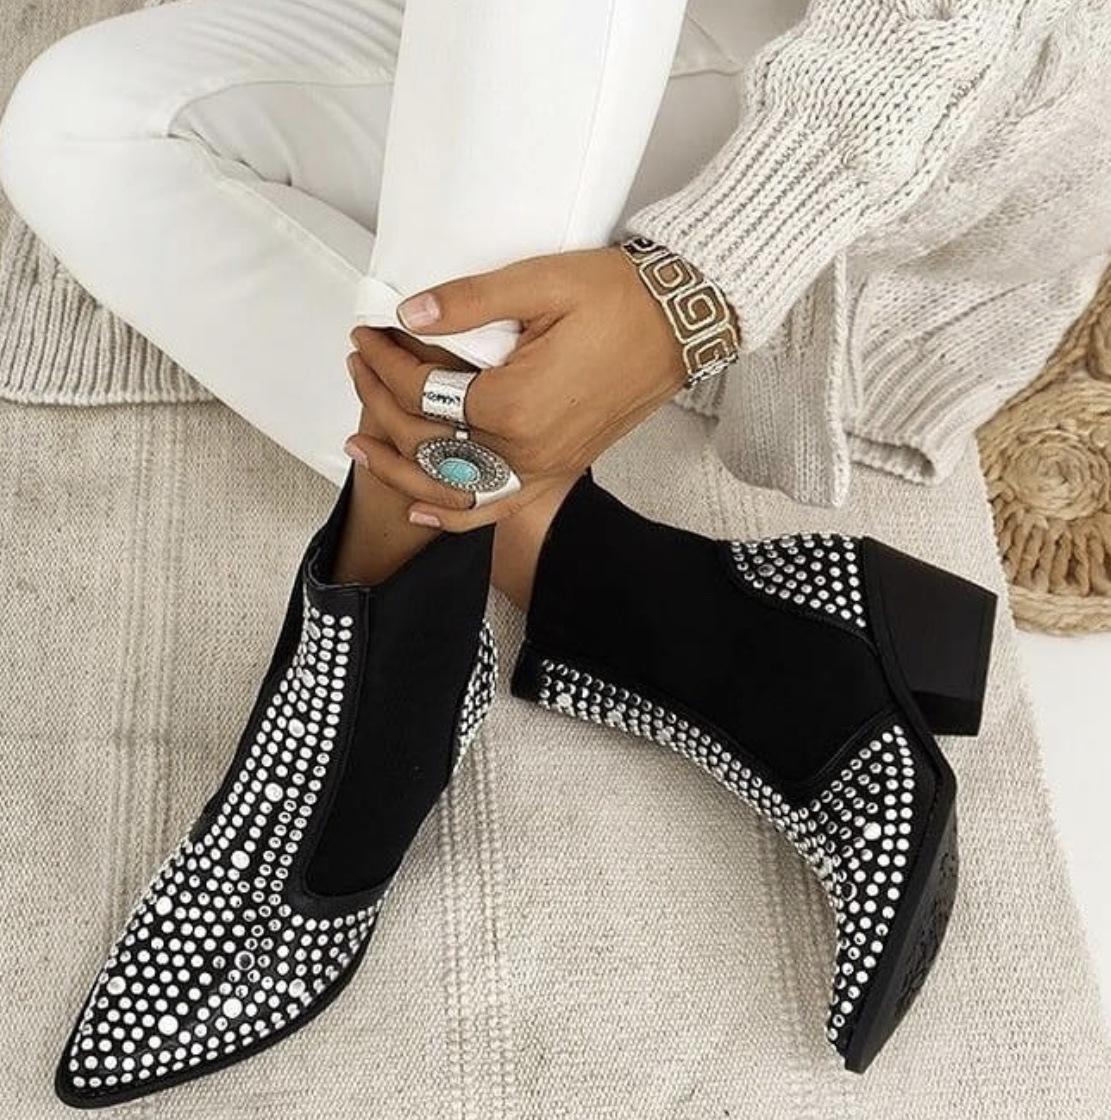 Tacones cuadrados diseño nuevo de alta calidad de los remaches clásicas de la manera zapatos de las botas del tobillo elástico Ropa de mujer Botas